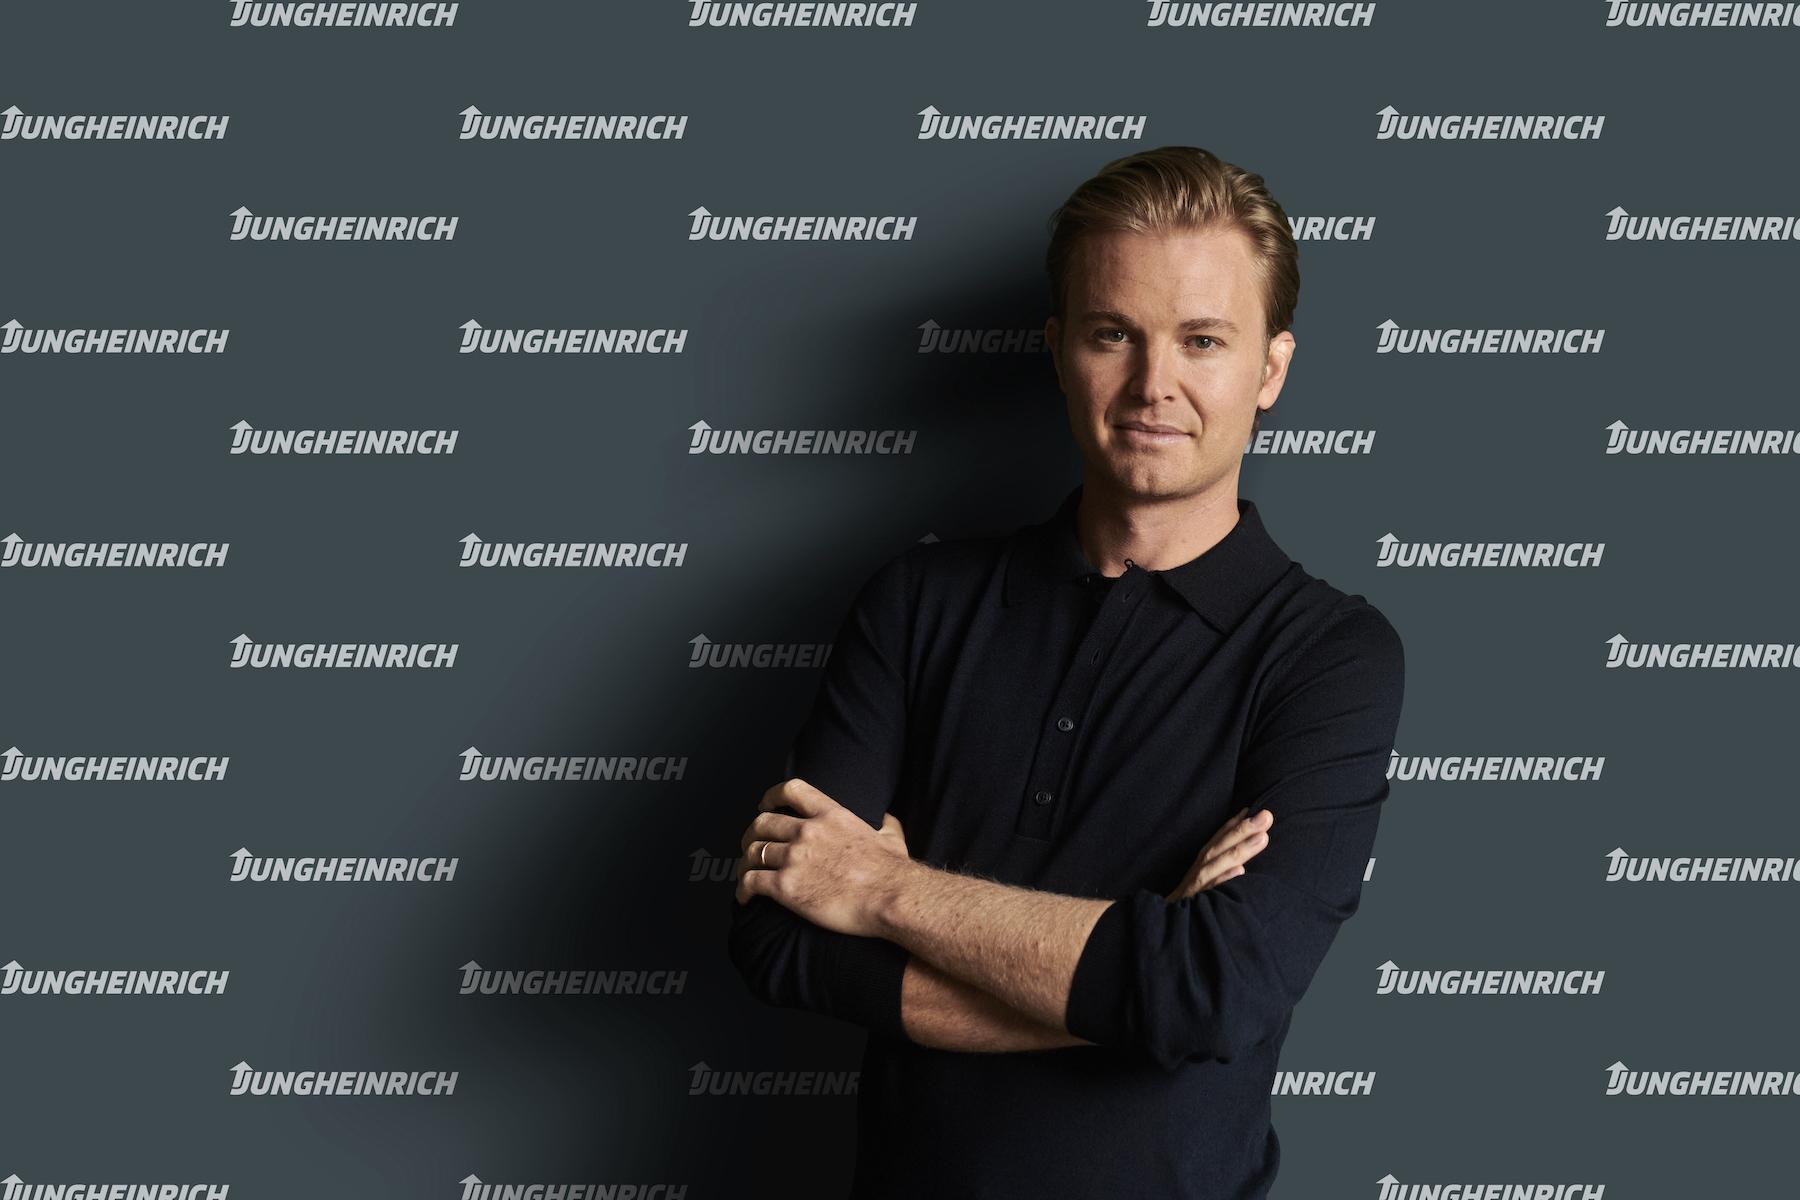 Nico Rosberg, embajador de marca de Jungheinrich